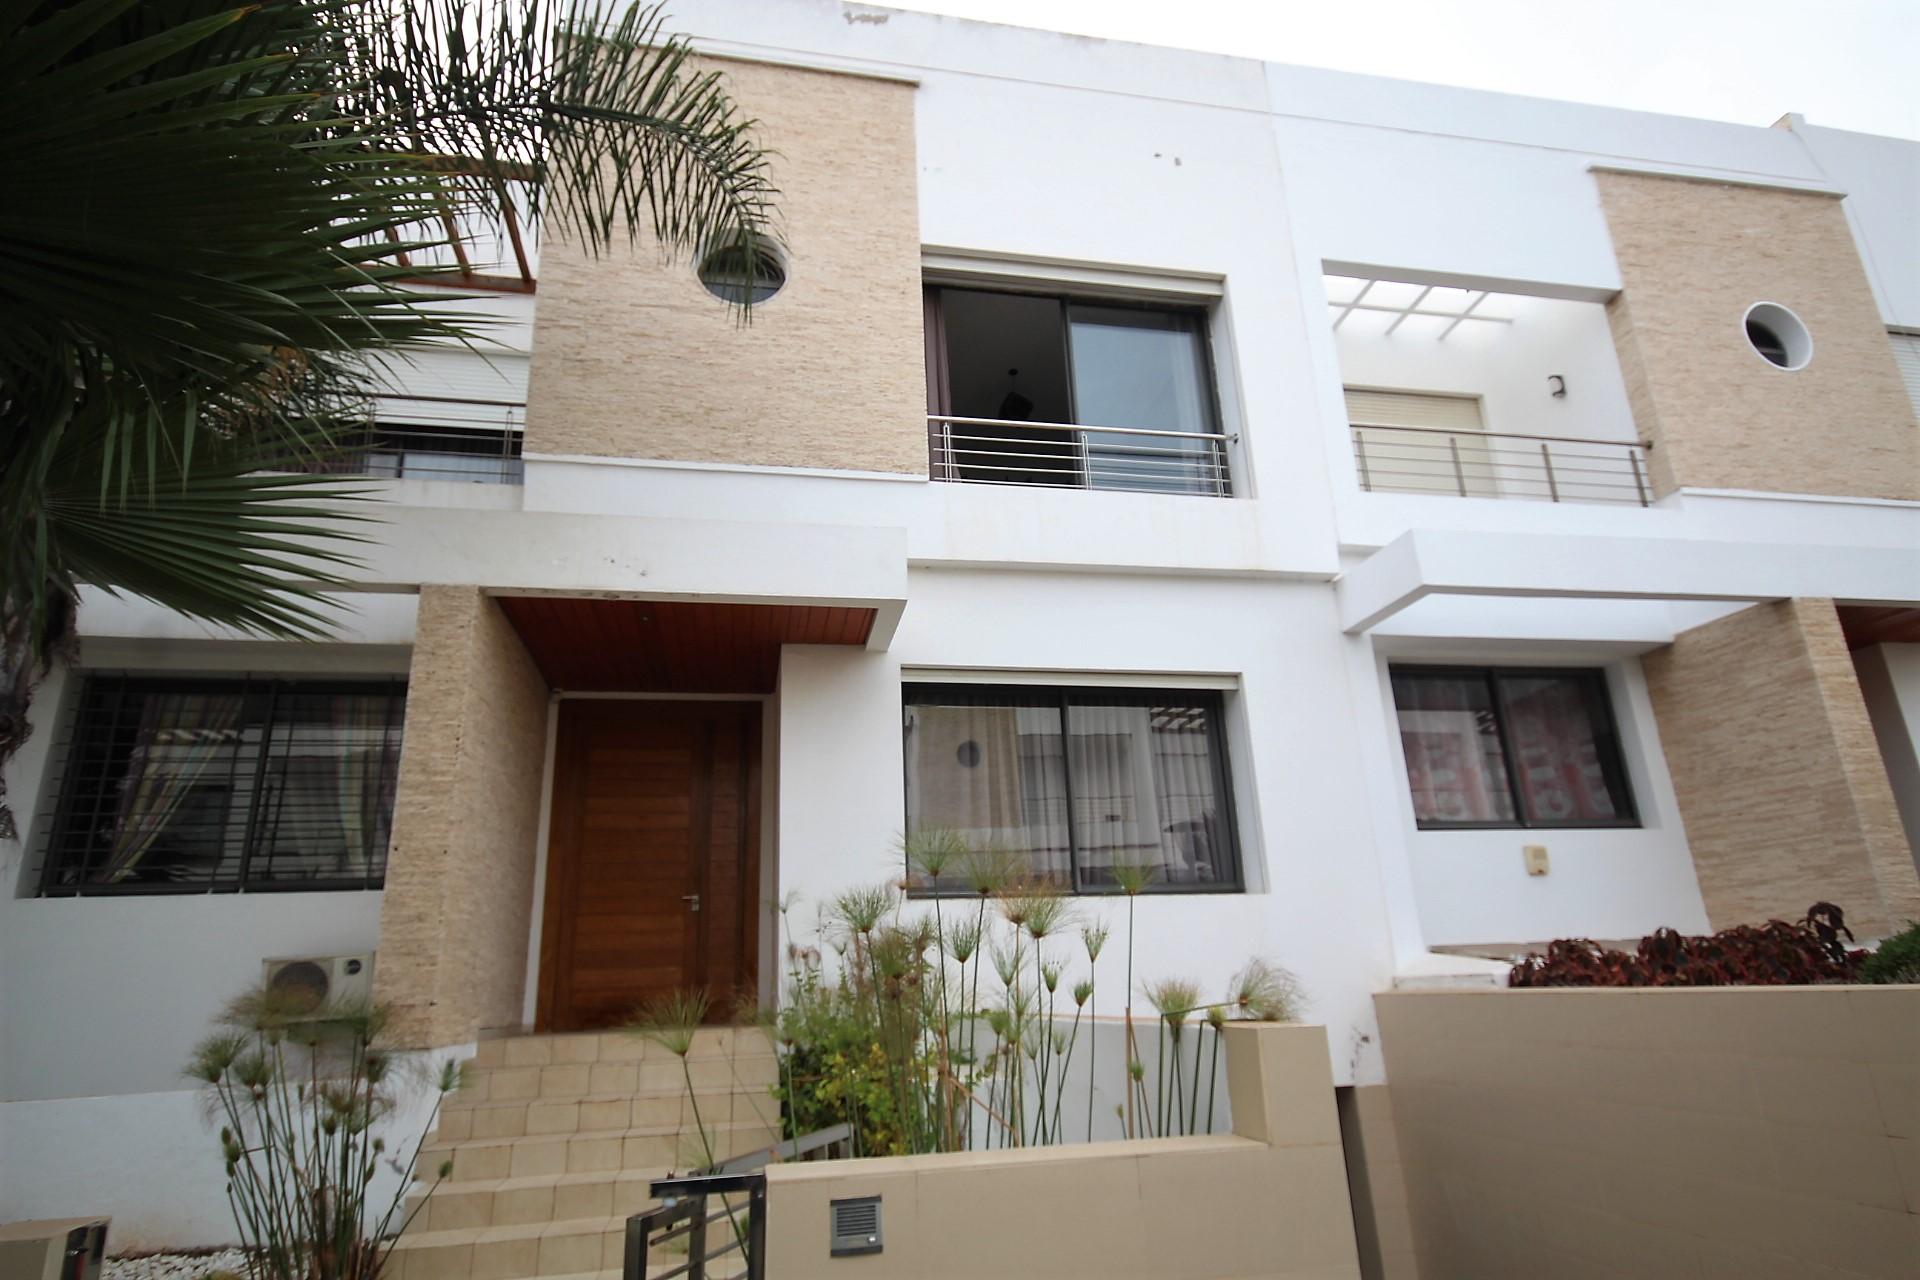 Maroc, Casablanca, Ain Diab, à louer villa meublée de 5 chambres avec vue Mer